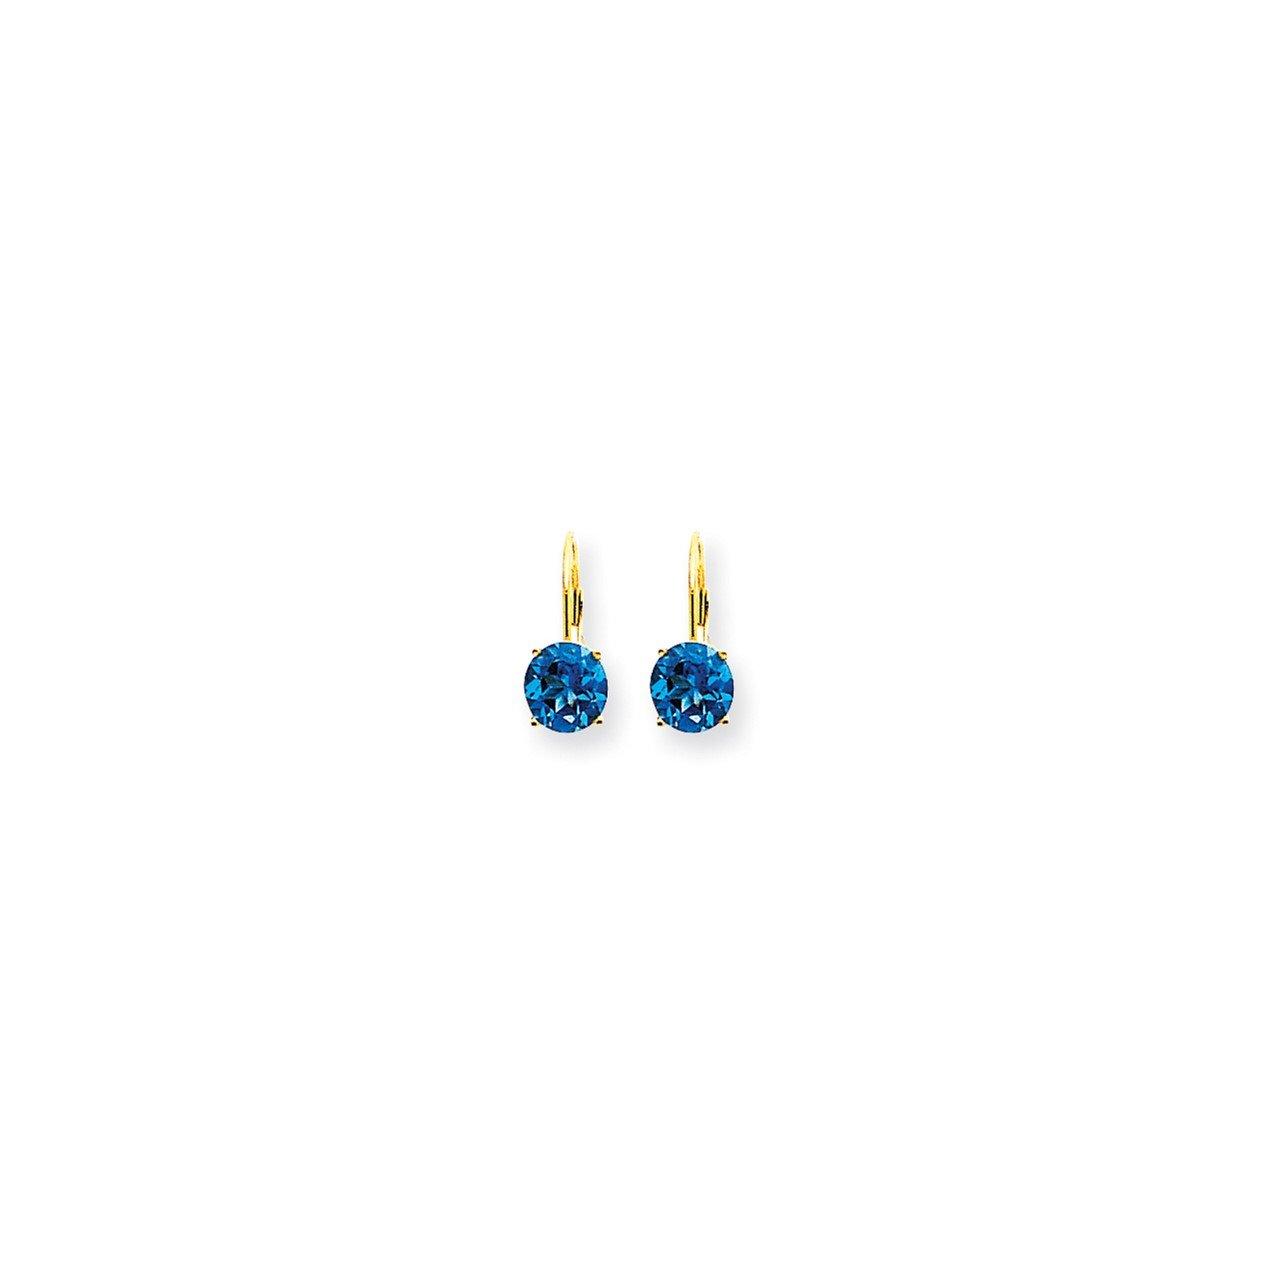 14k 7mm Blue Topaz Checker leverback earring